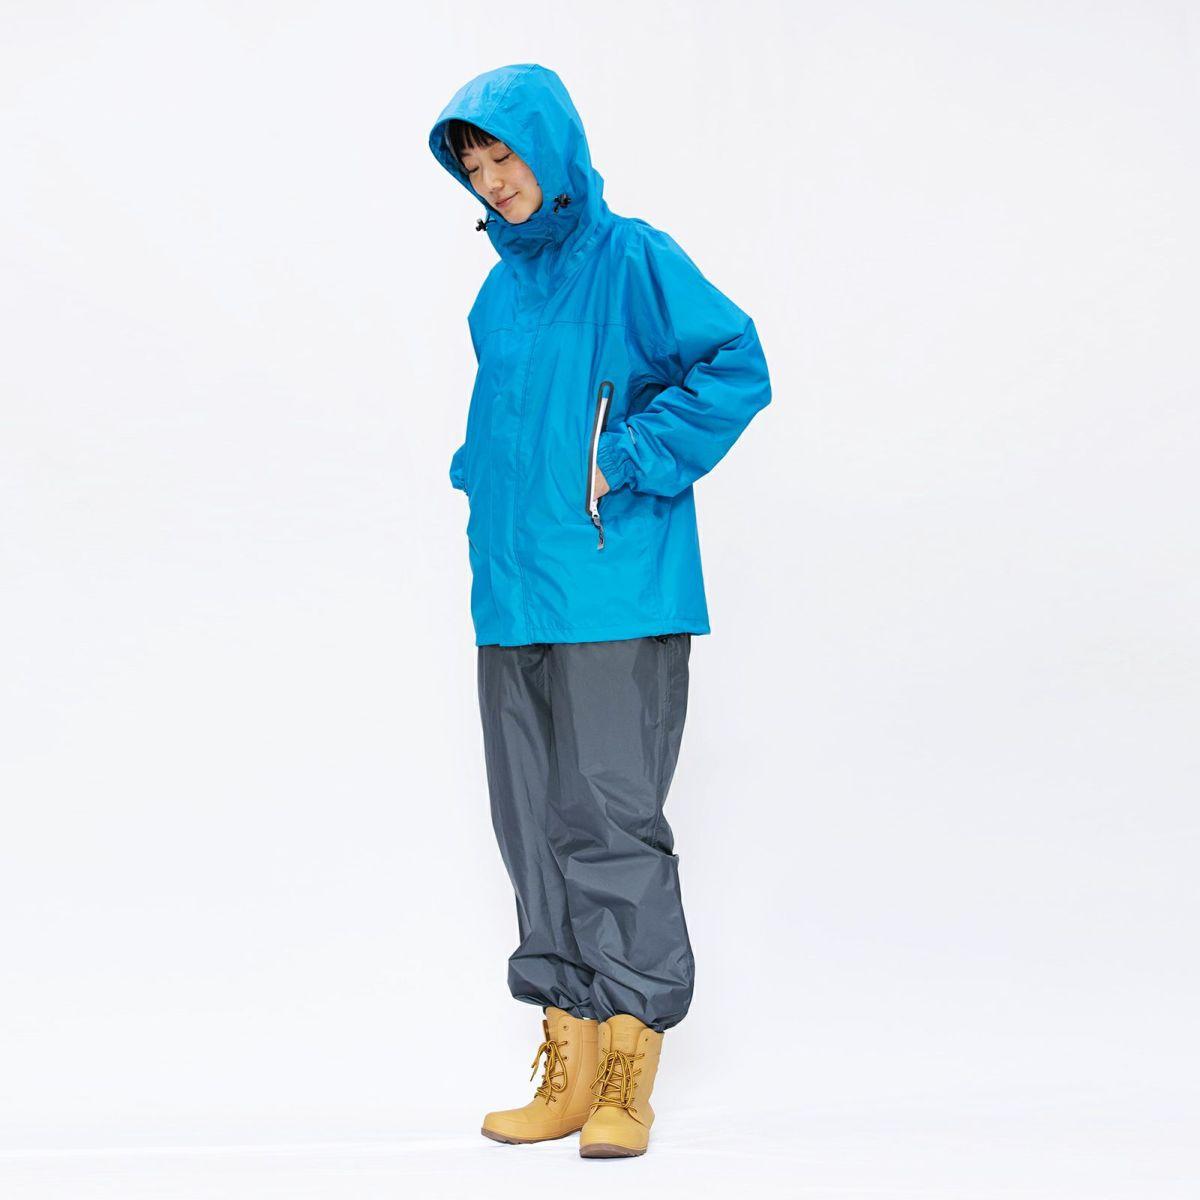 [女性モデルのサイズ]身長:168cm 着用サイズ:M / (上)7710 KJ レインパーカ +(長靴)6437 ピラルク レインブーツ